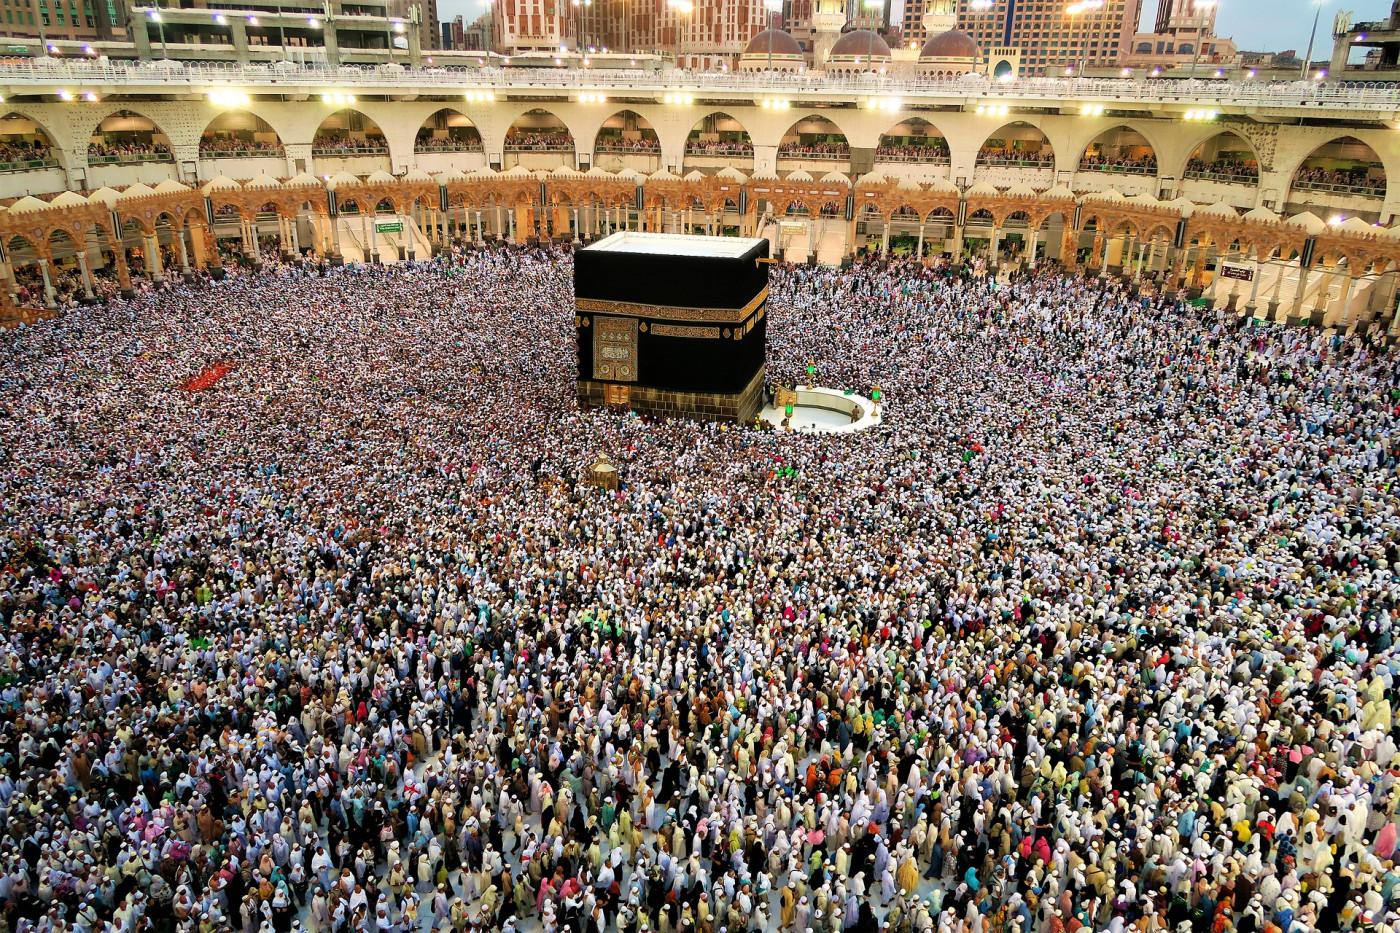 Uma multidão de muçulmanos na Grande Mesquita, em Meca